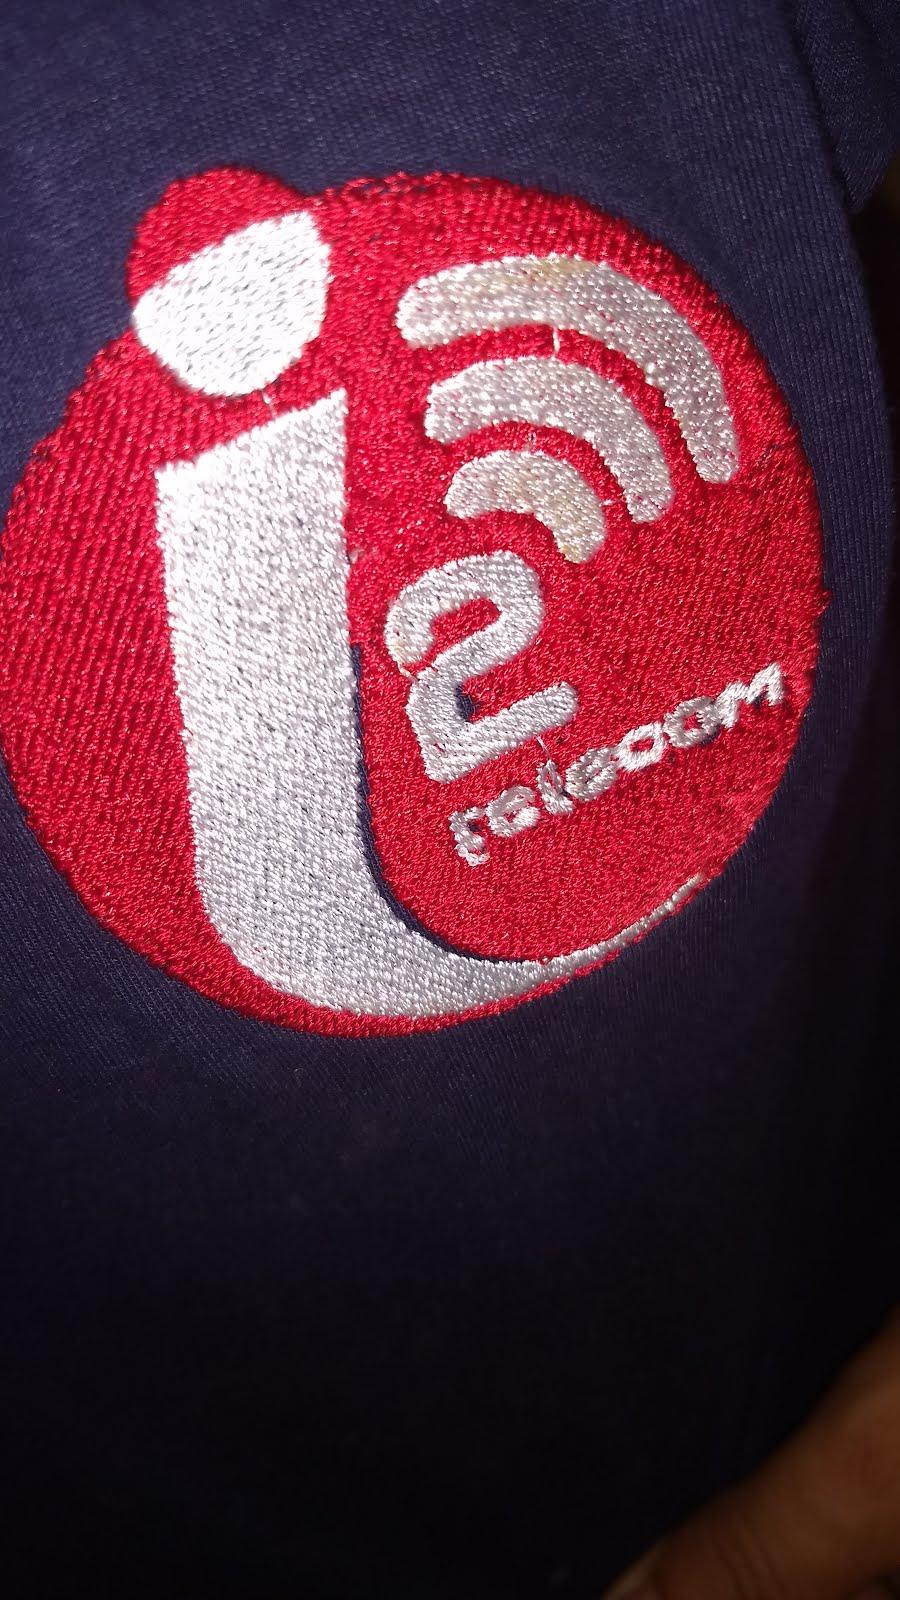 I2telecom